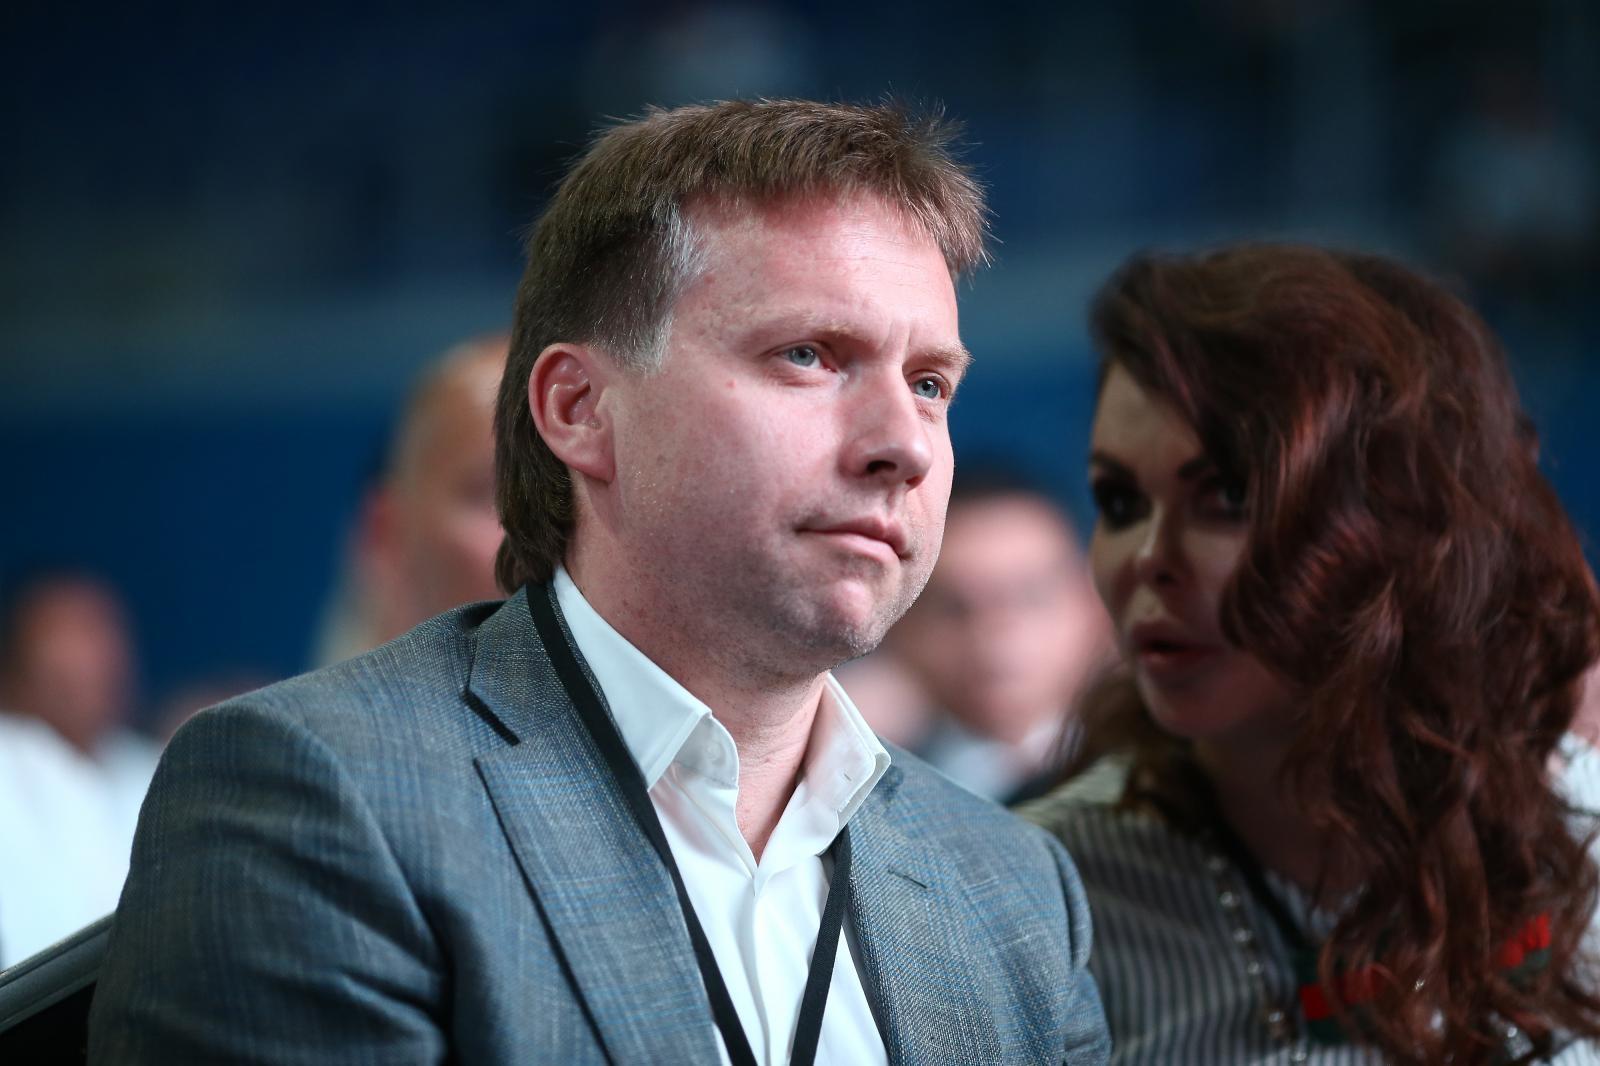 SBERBANK 'Poletaev ostaje na svojoj funkciji, uz angažman na restrukturiranju Agrokora'